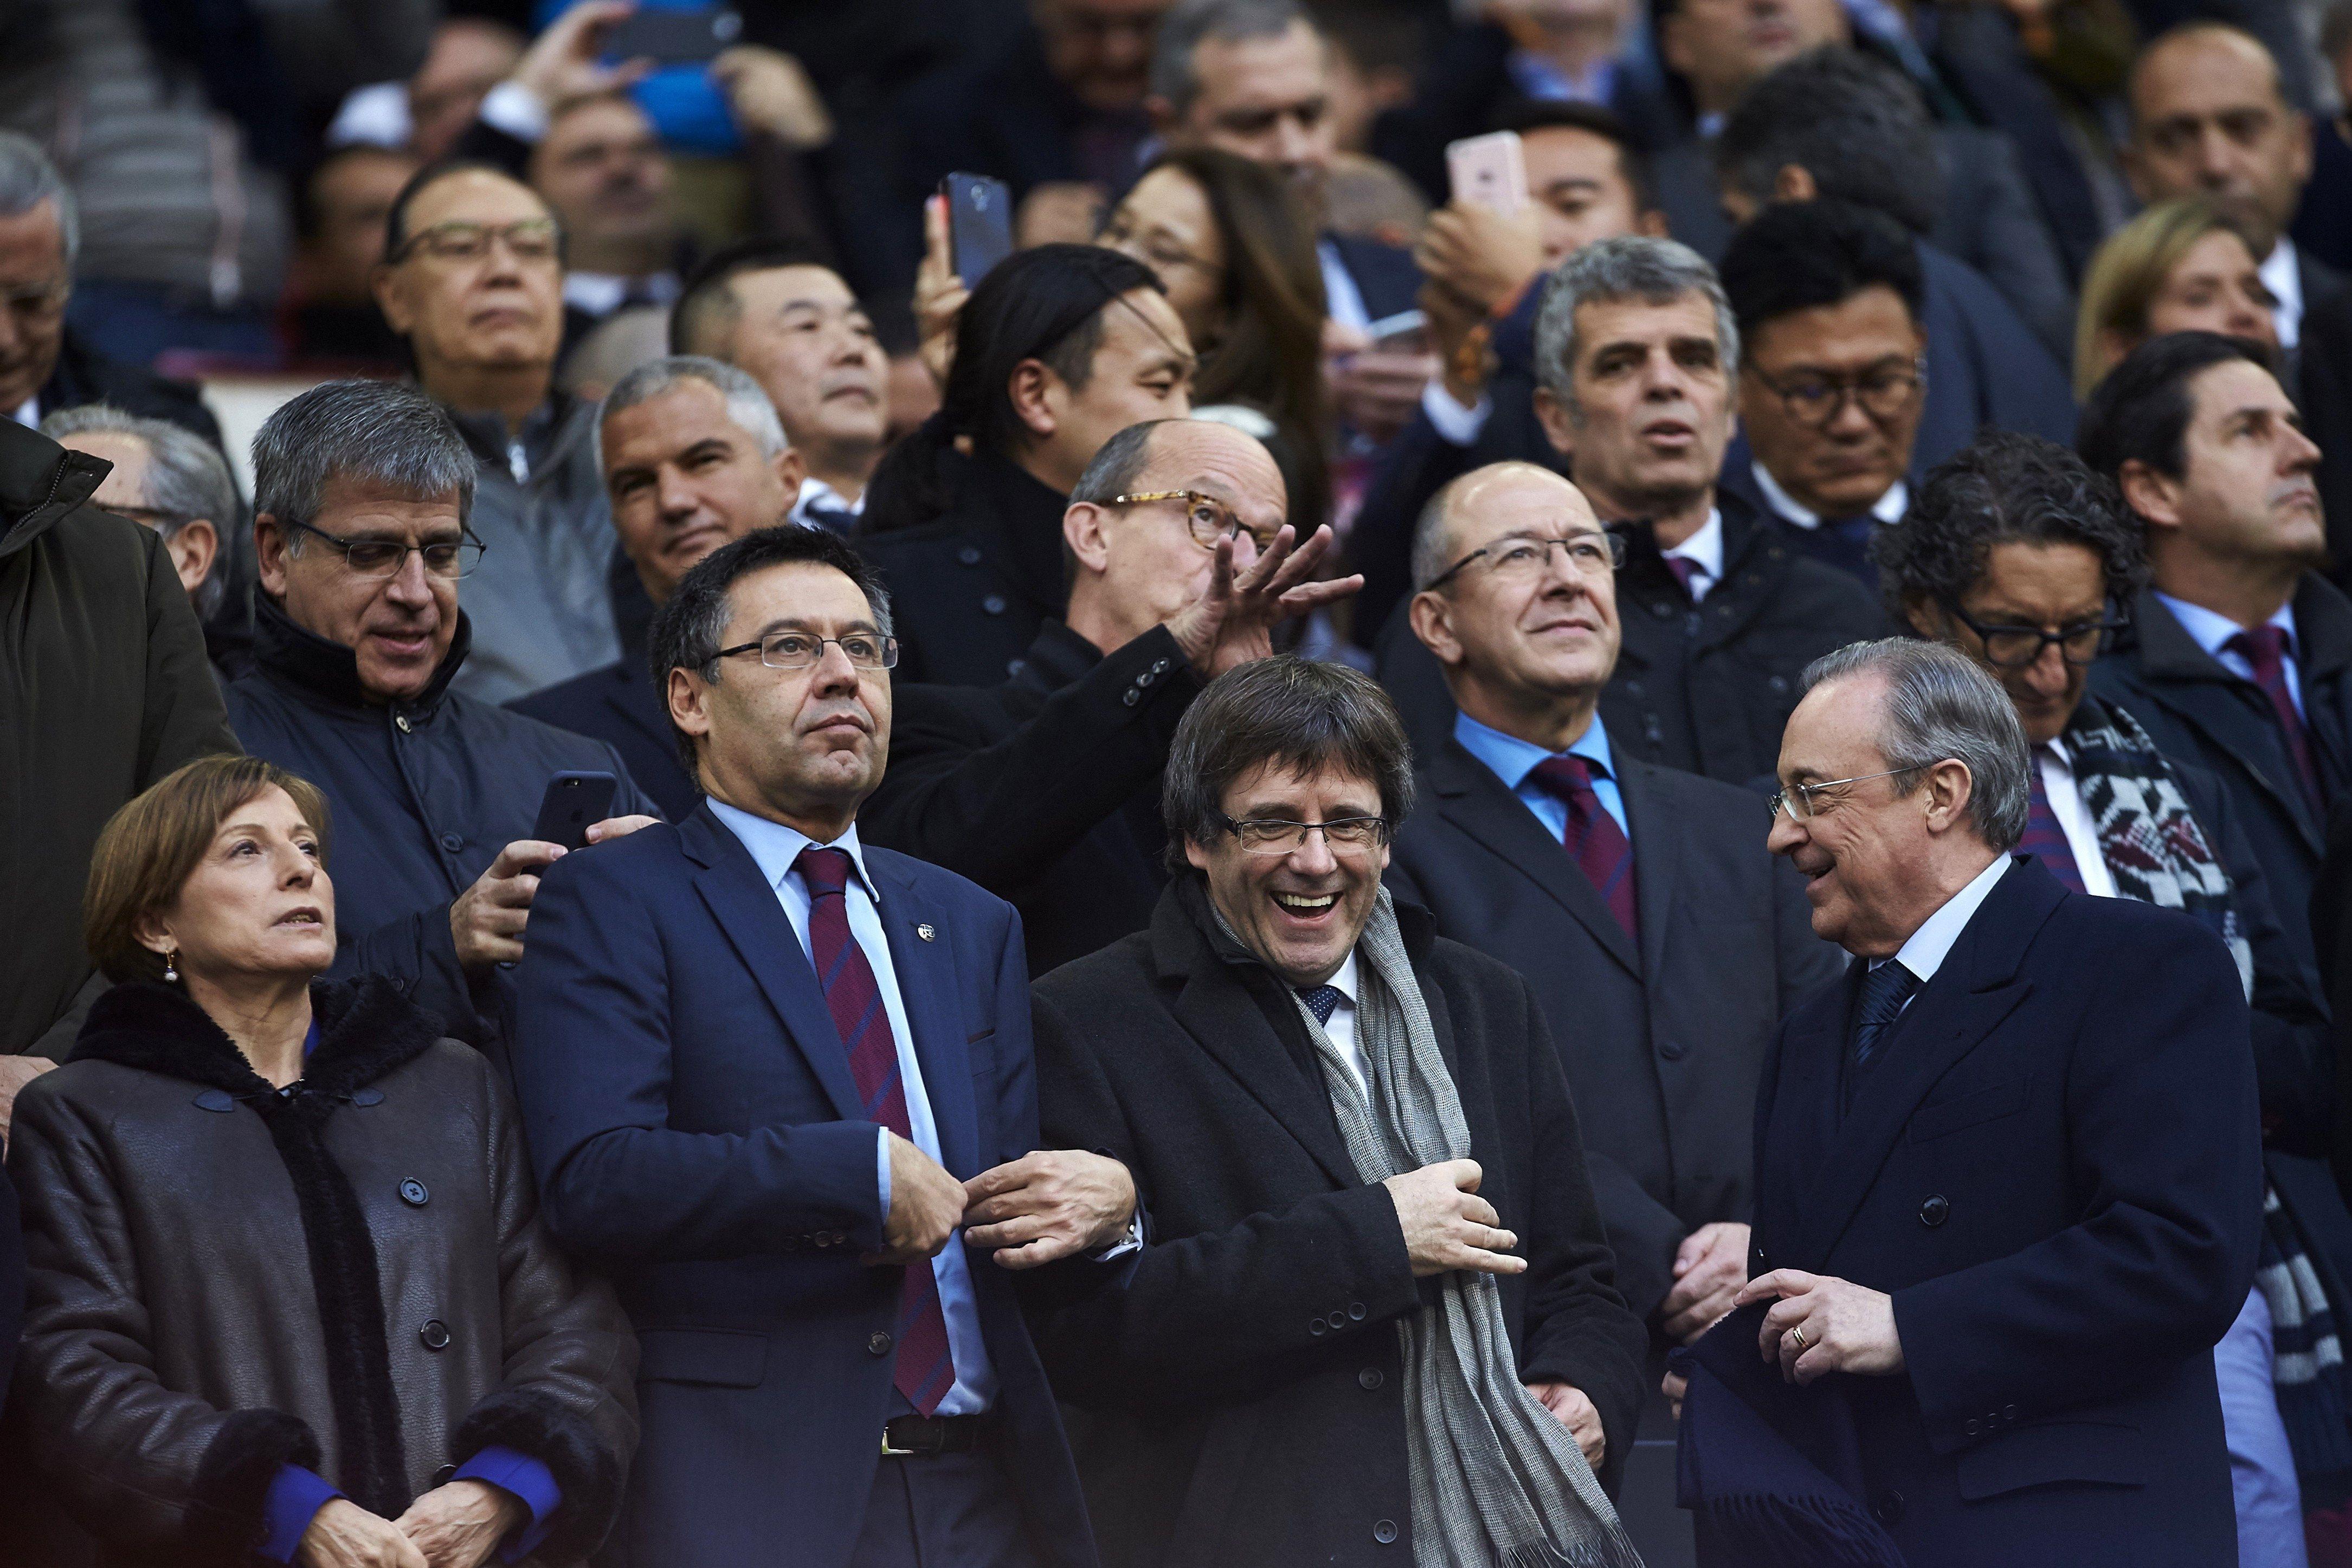 Puigdemont Bartomeu Florentino Perez Forcadell Camp Nou EFE